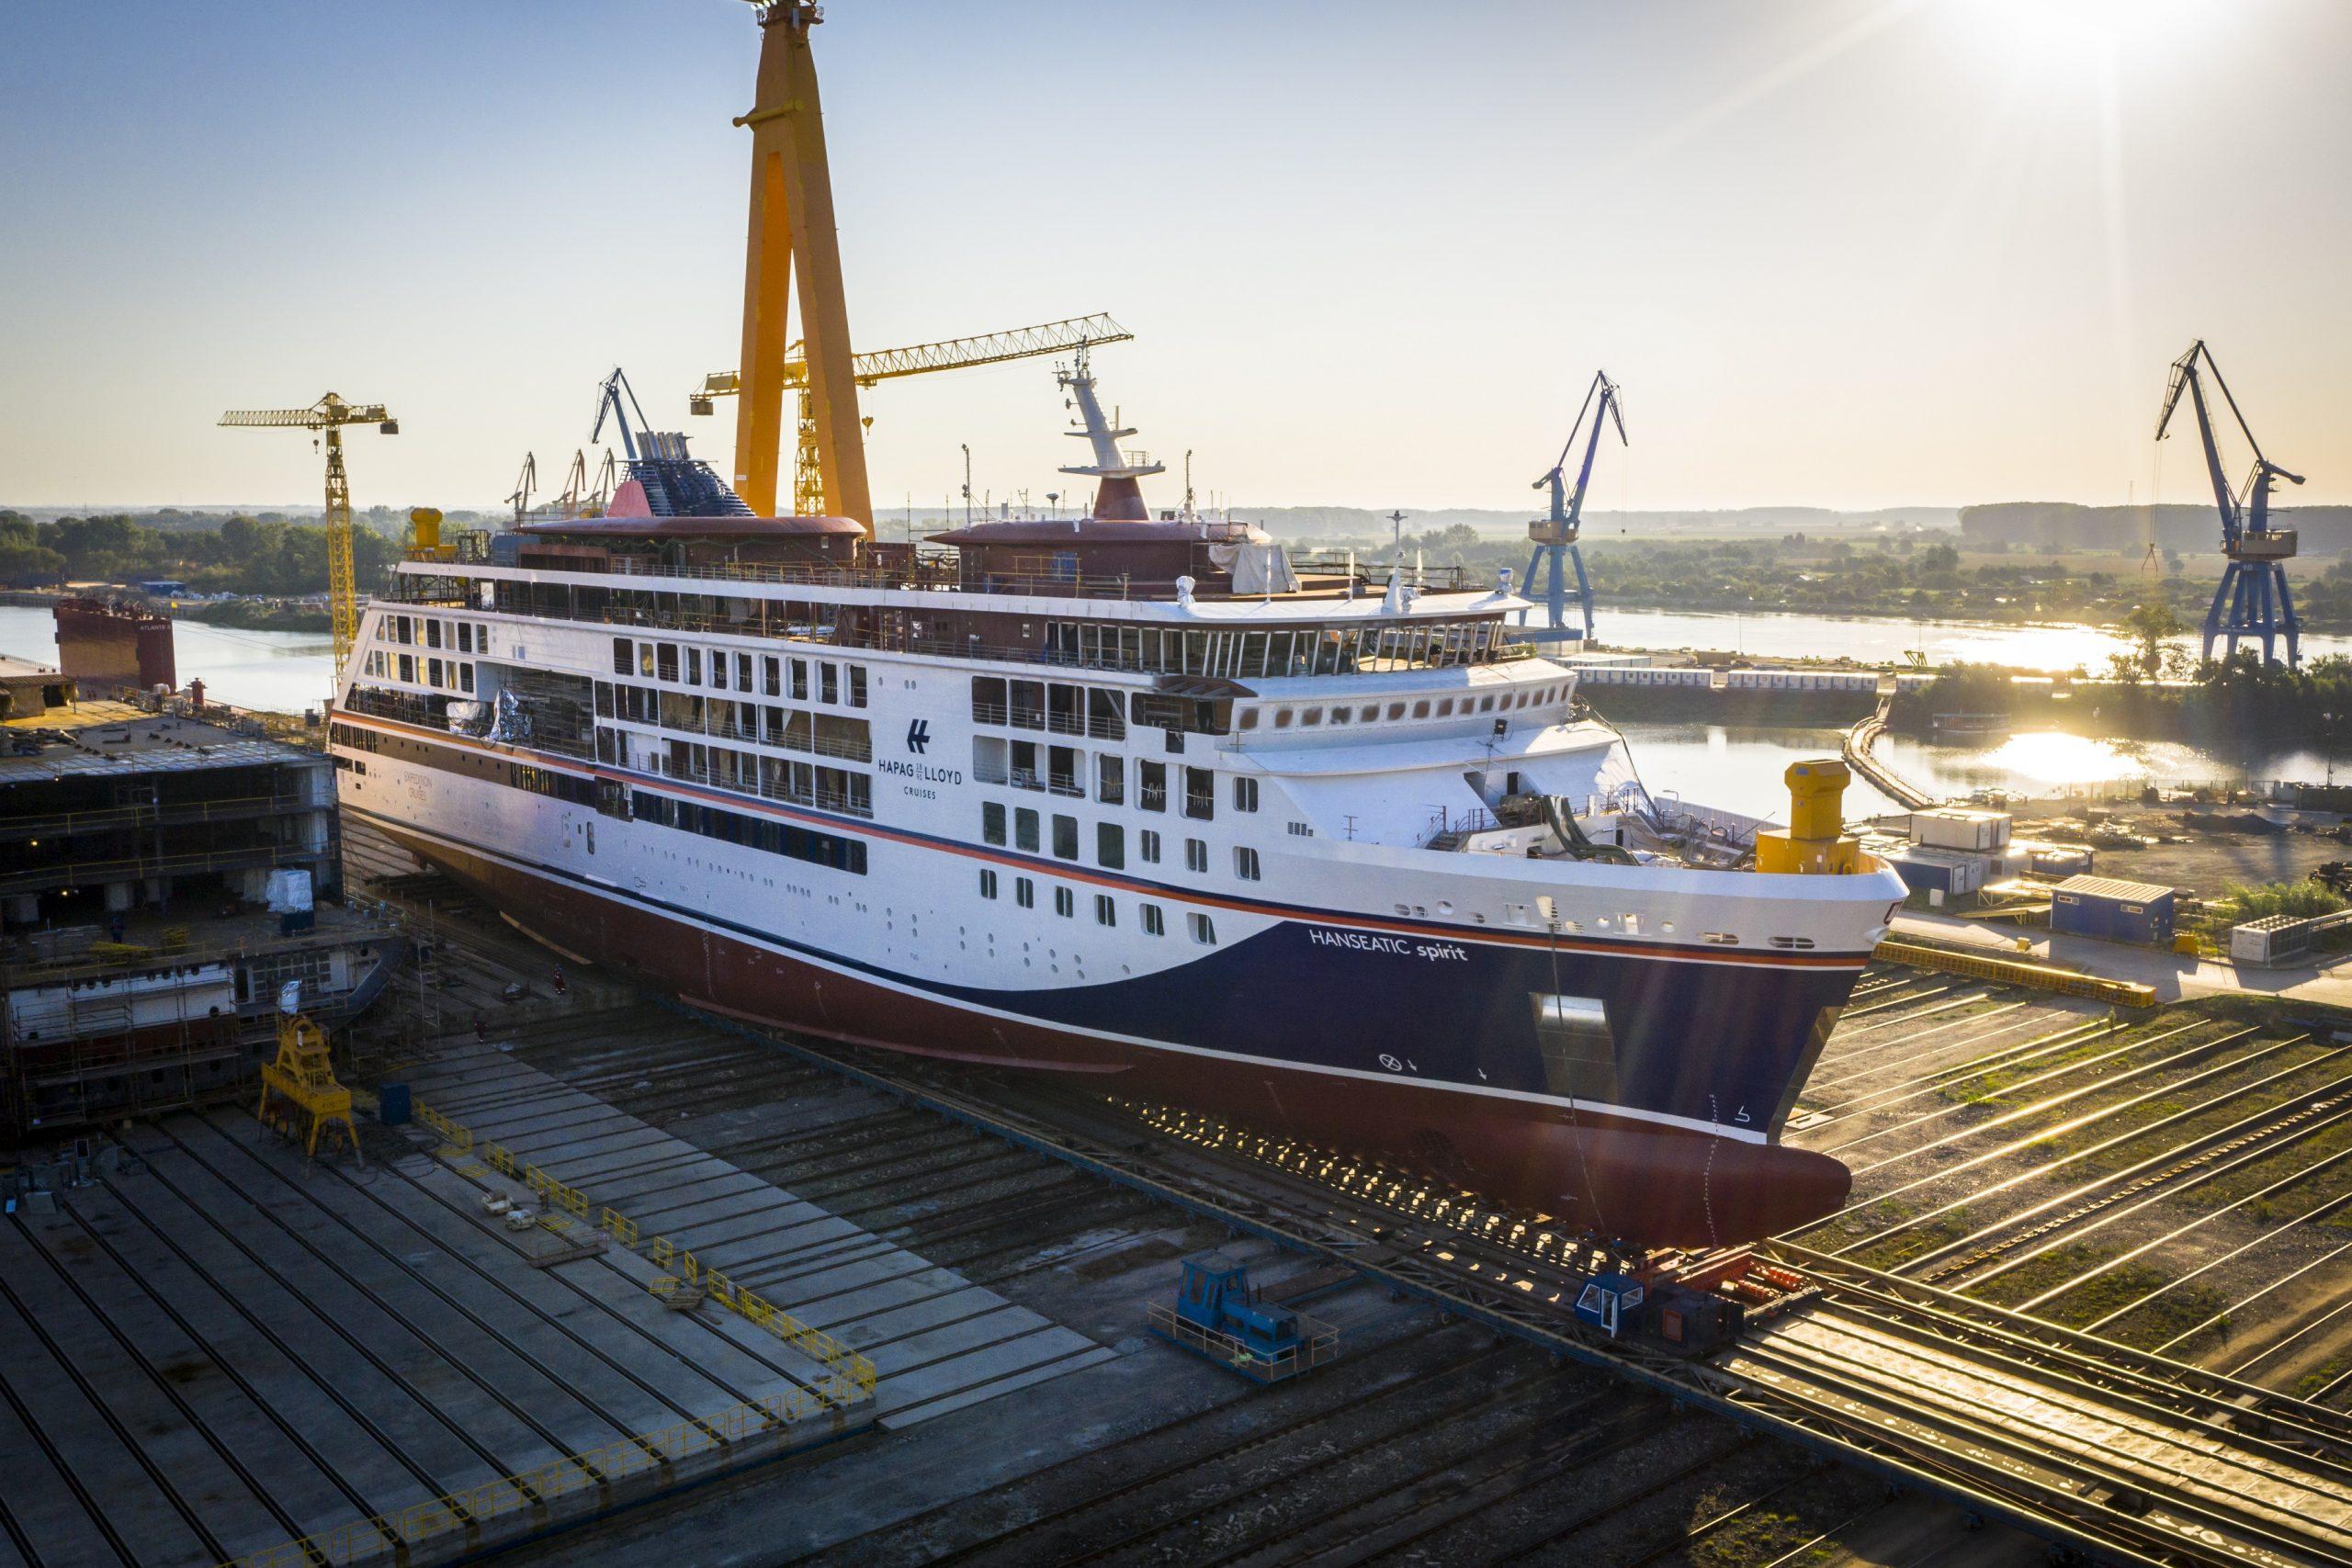 Die HANSEATIC spirit stößt 2021 neu zu der Hapag-Lloyd Cruises Flotte hinzu, nachdem in diesem Jahr bereits das Expeditionsschiff BREMEN aus der Flotte verabschiedet wurde.